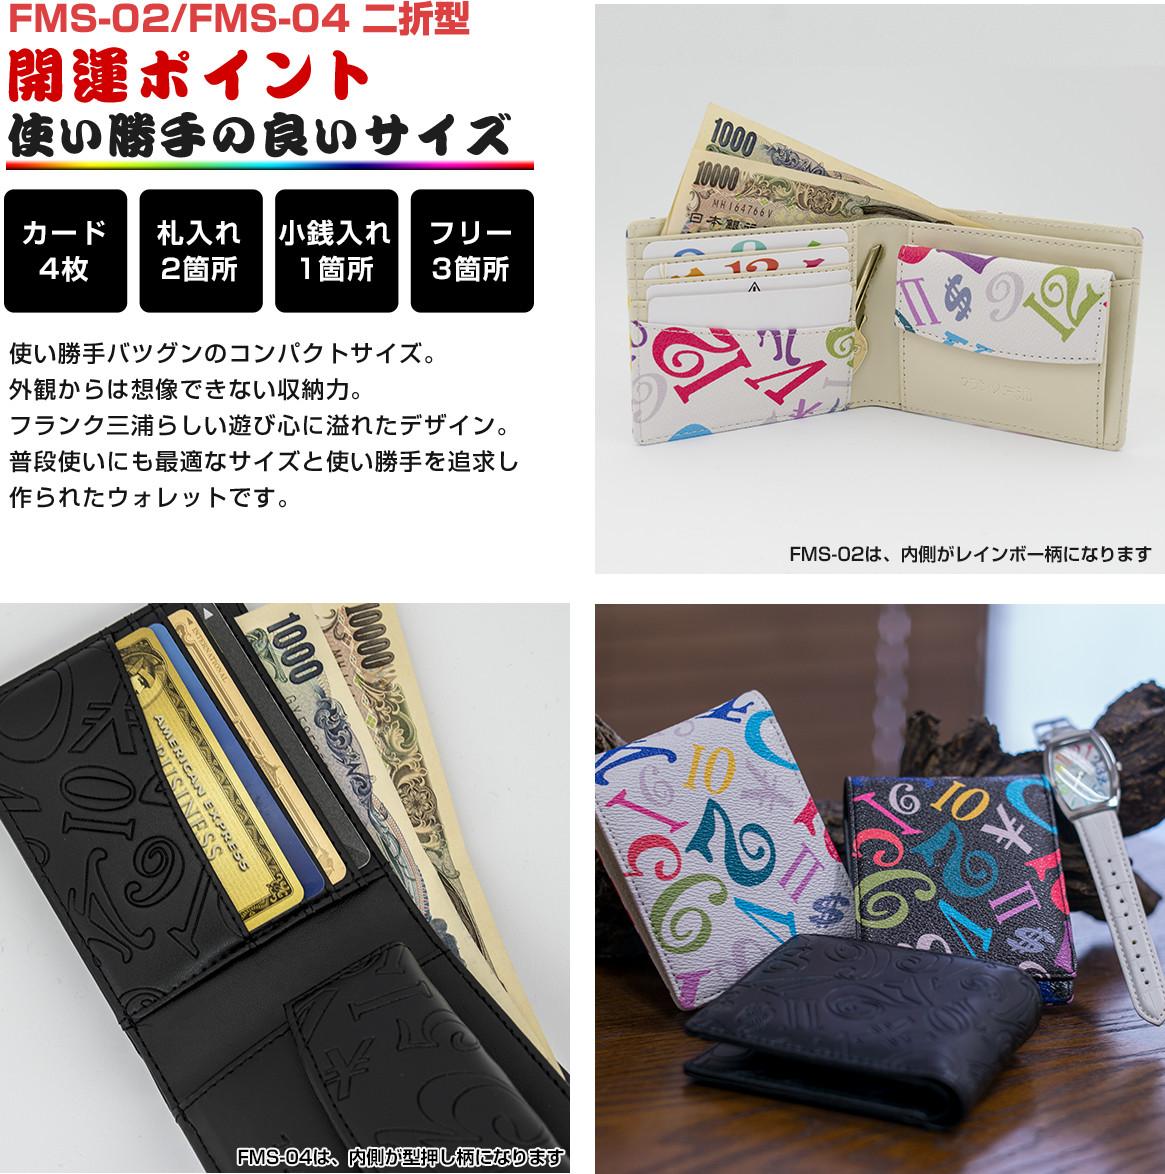 [フランク三浦] FMS04-W 奇跡の財布 メンズ レディース